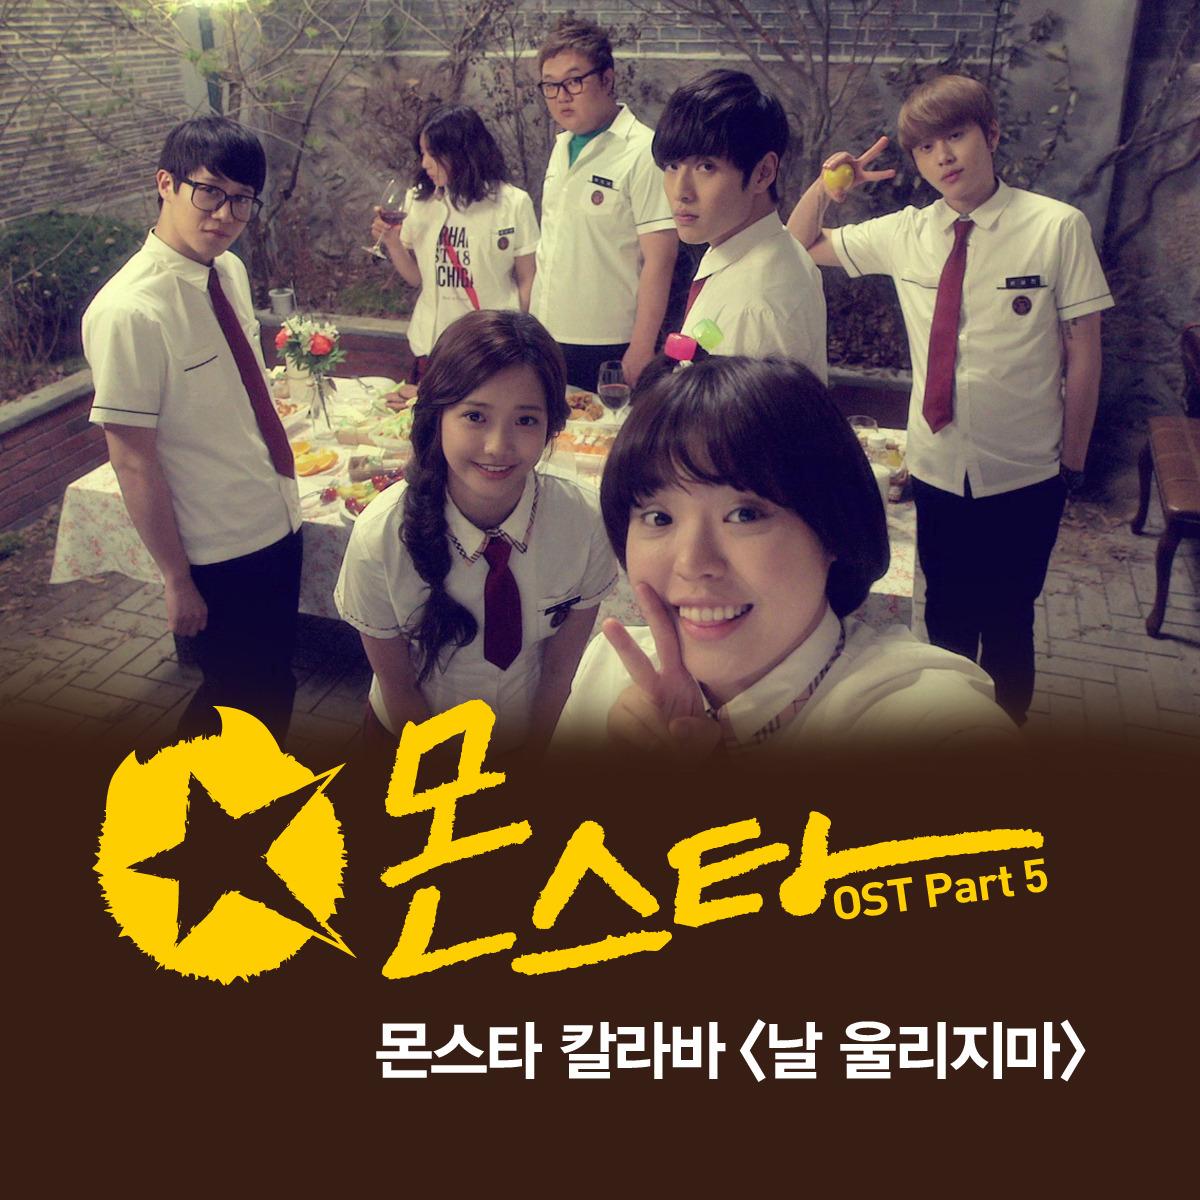 몬스타 Part 5 (tvN•Mnet 뮤직드라마) 앨범정보